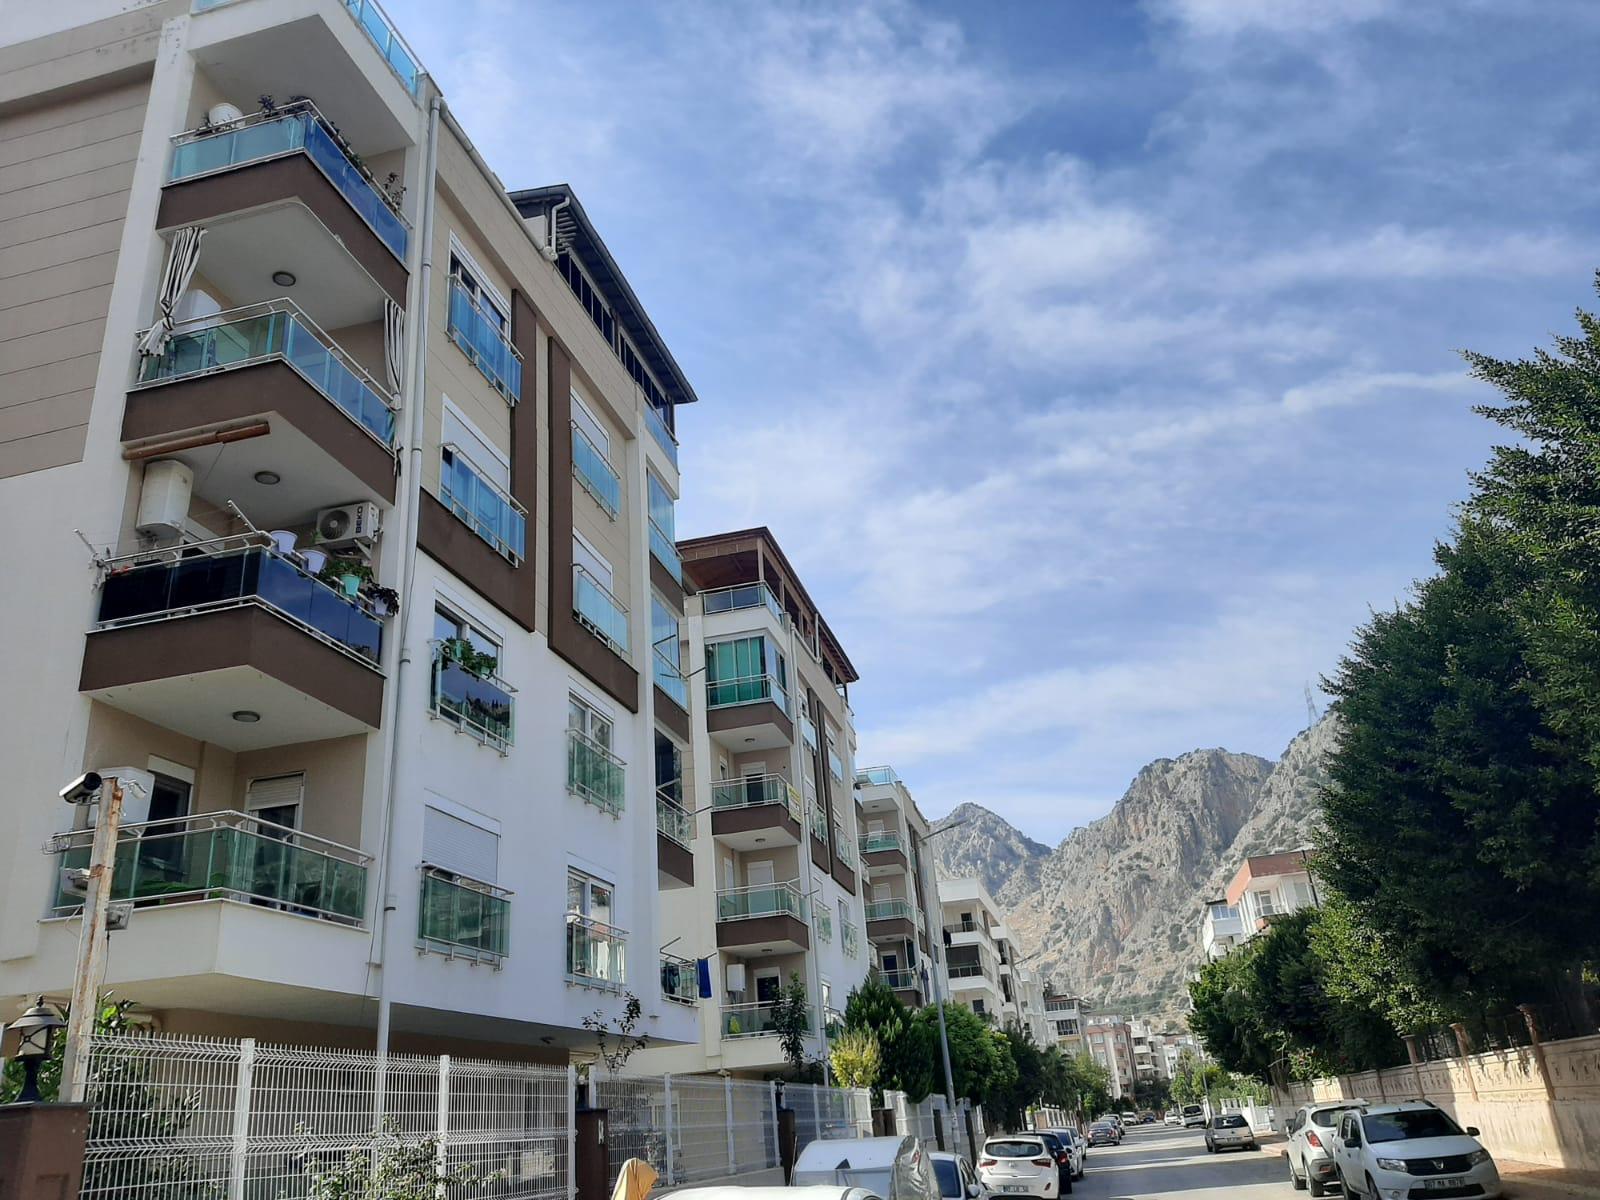 شقة للبيع في أنطاليا كونيالتي